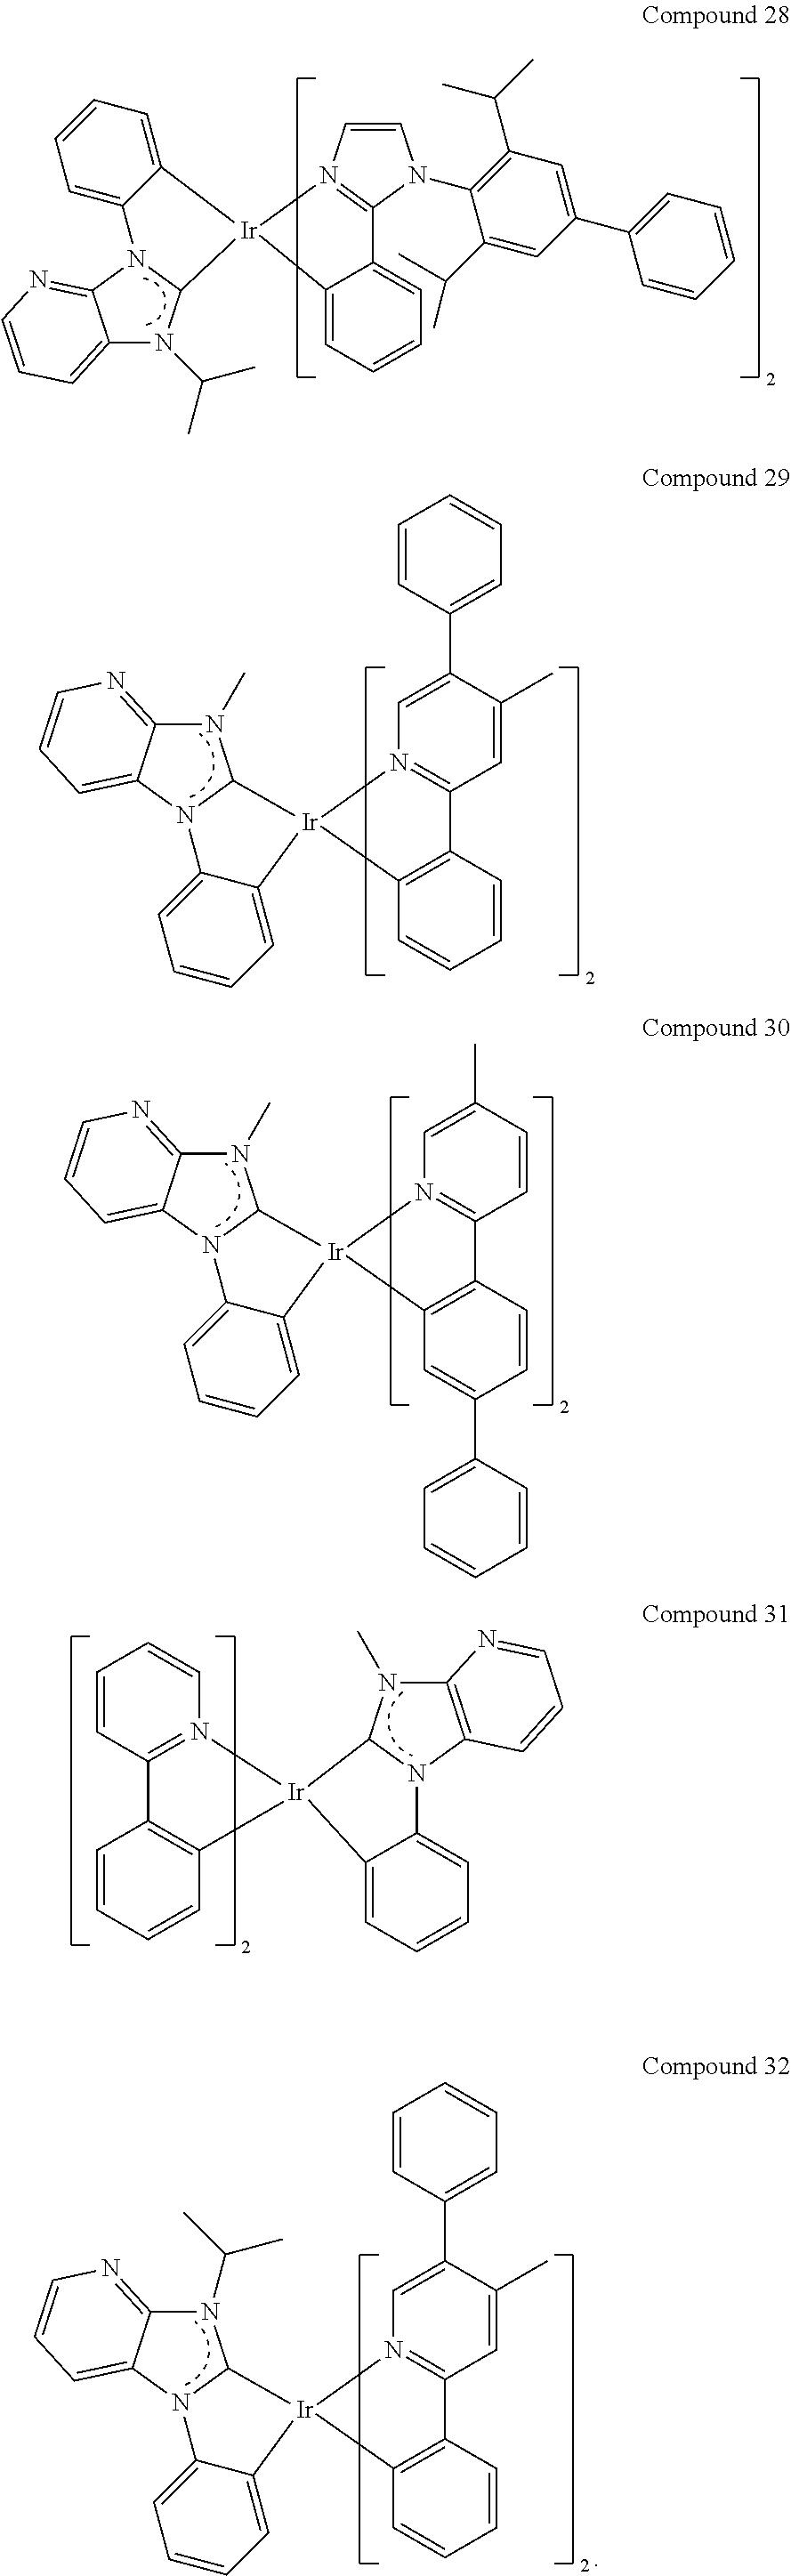 Figure US09972793-20180515-C00026